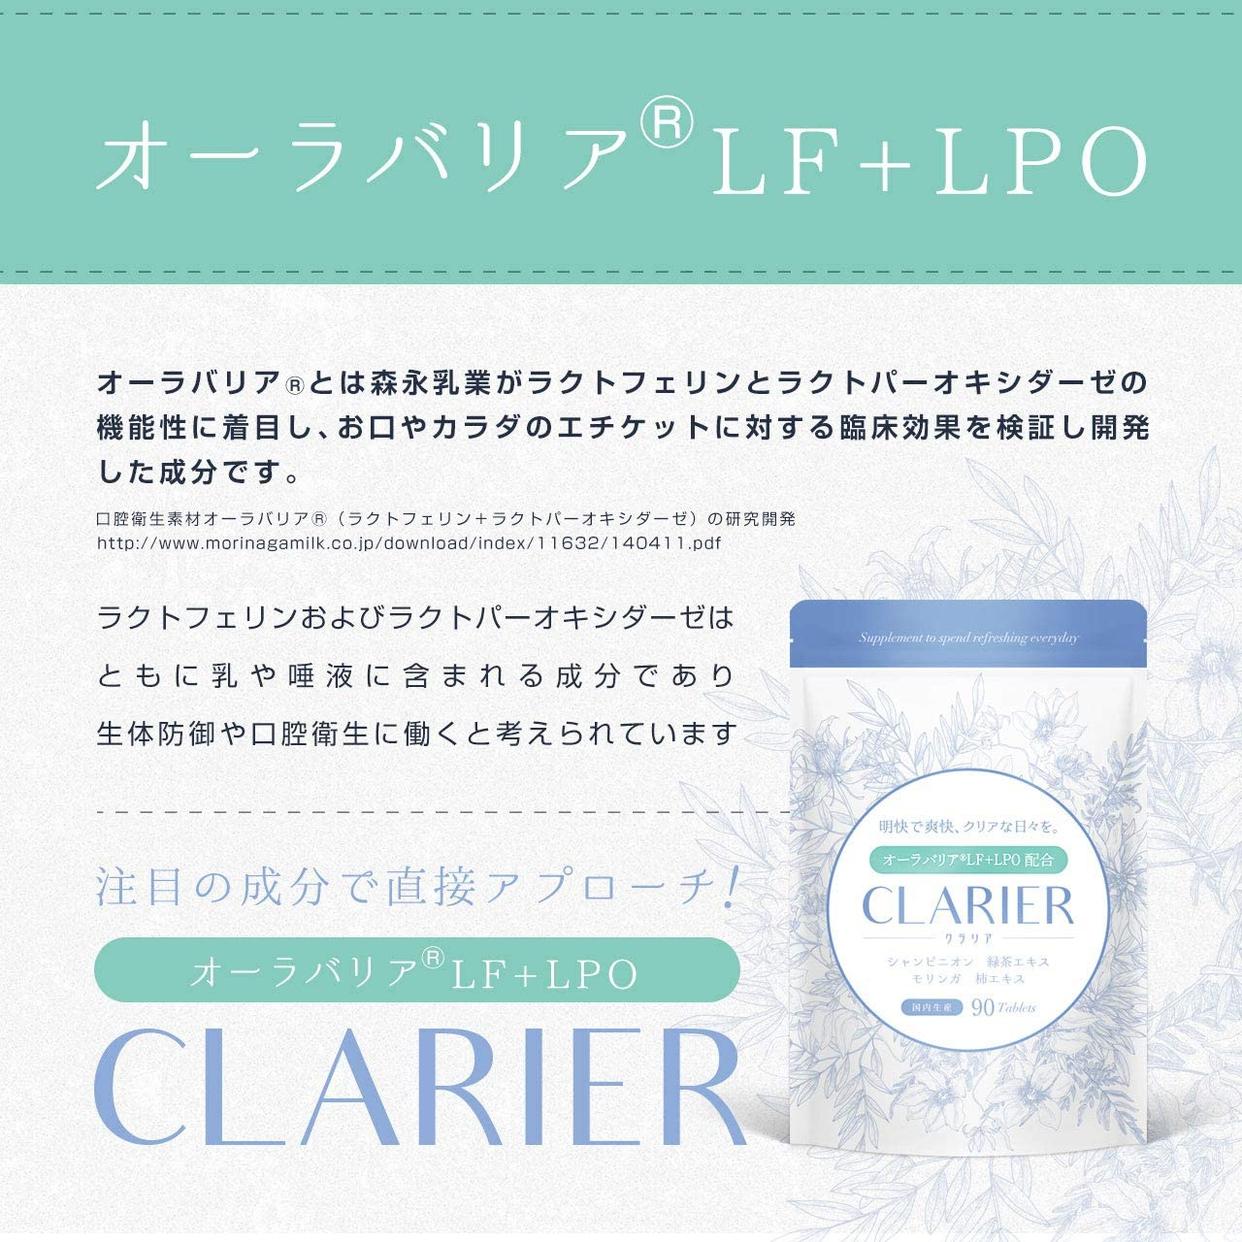 nanairo クラリアの商品画像3